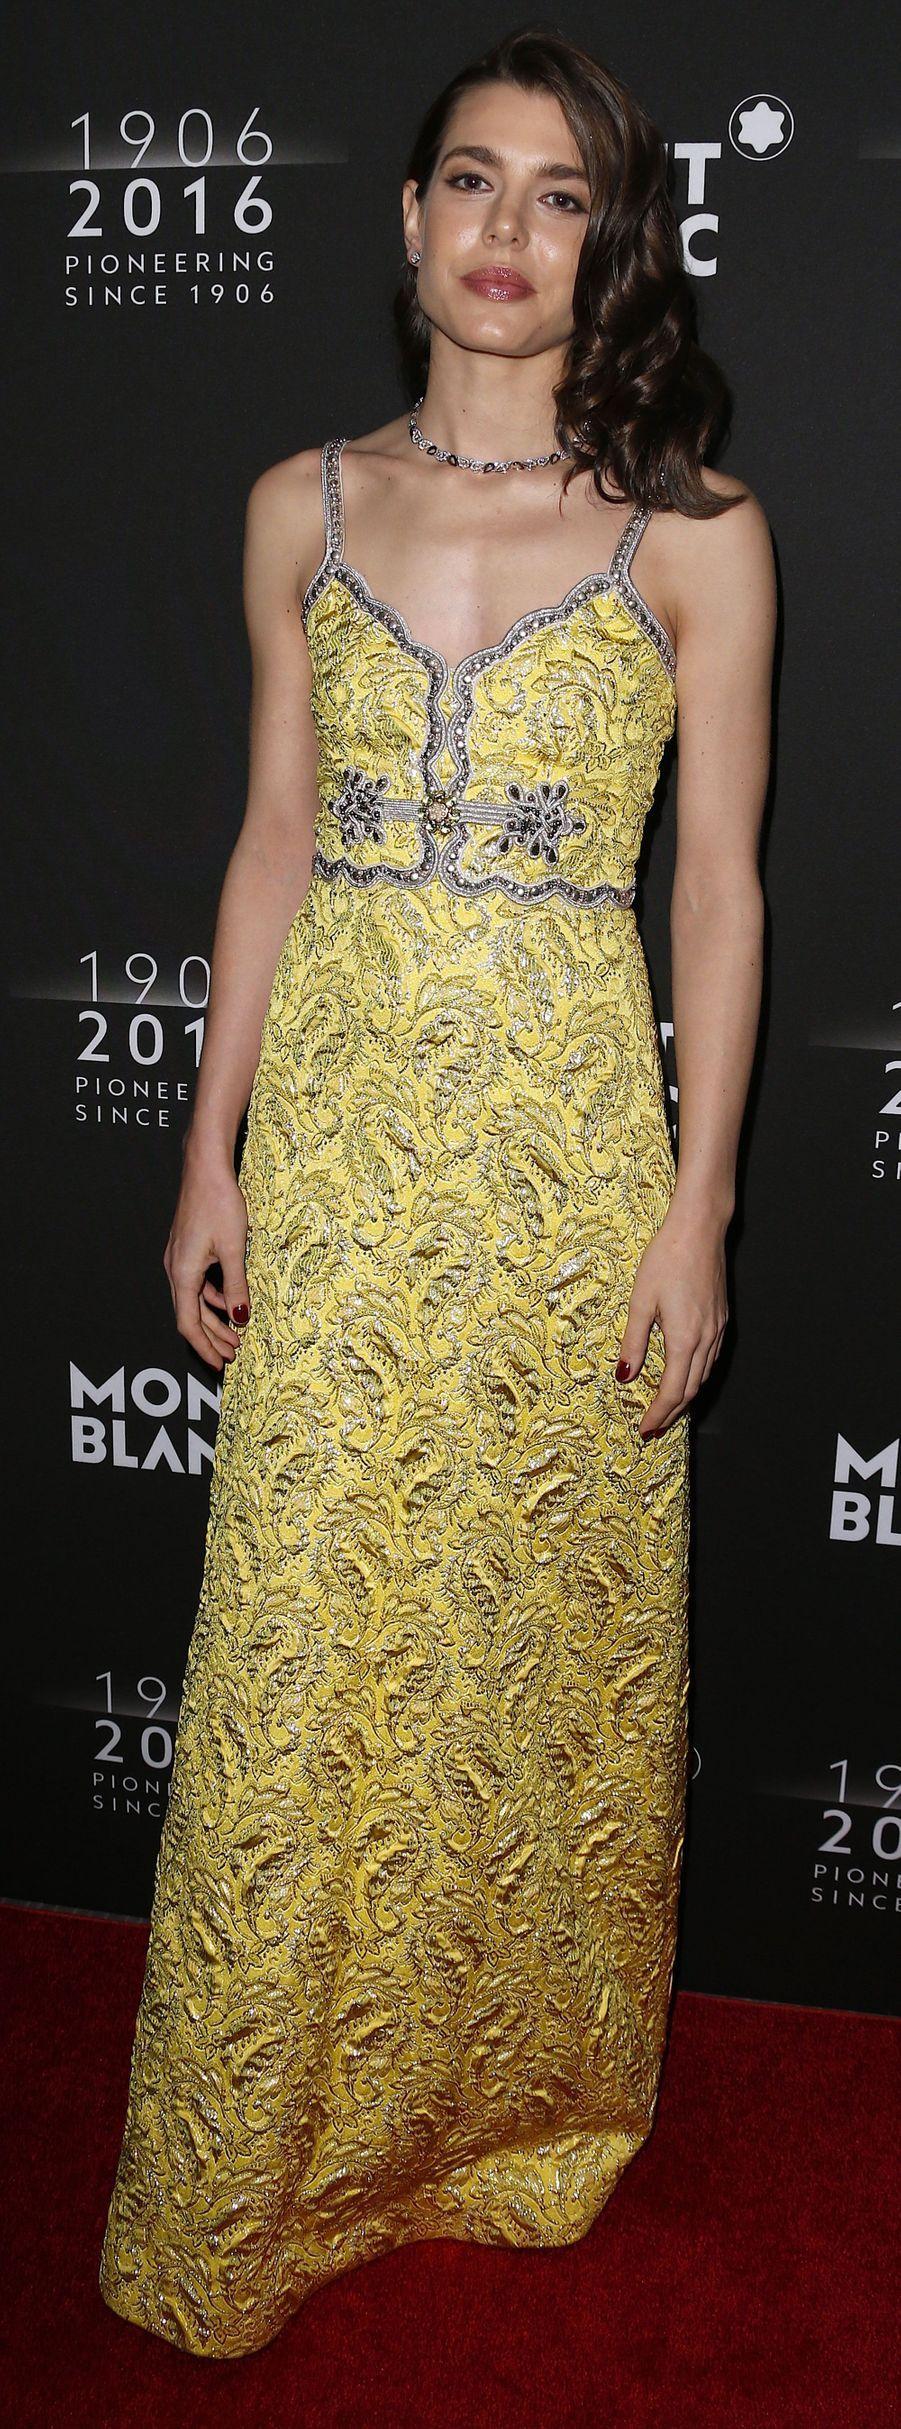 En robe Gucci à la soirée du 110ème anniversaire de Montblanc à New York en 2016